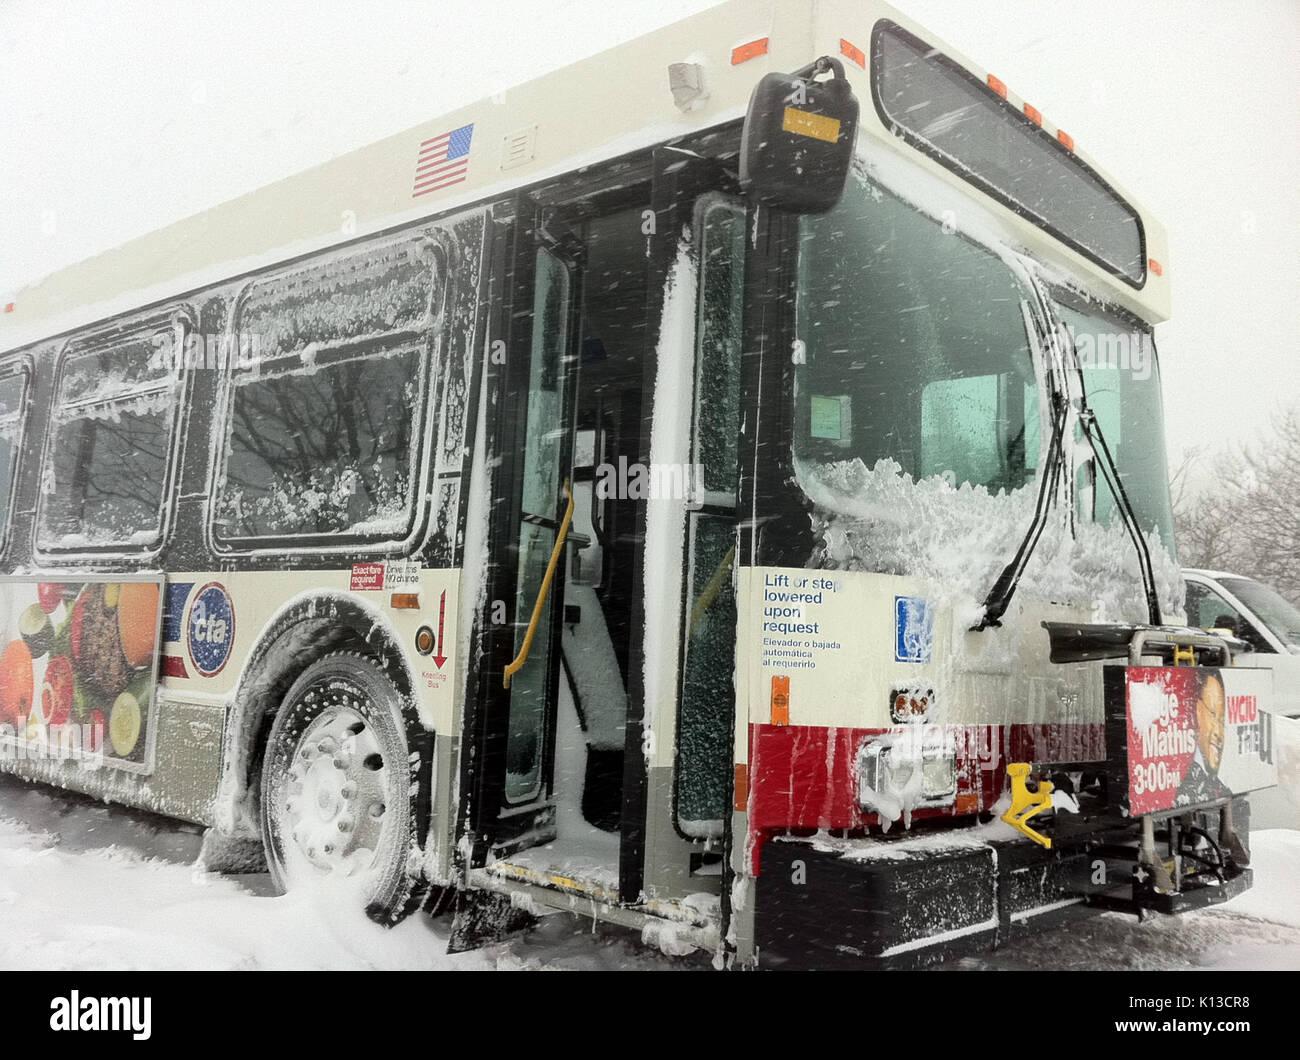 Abandoned bus on LSD chicago feb 2 2011 - Stock Image